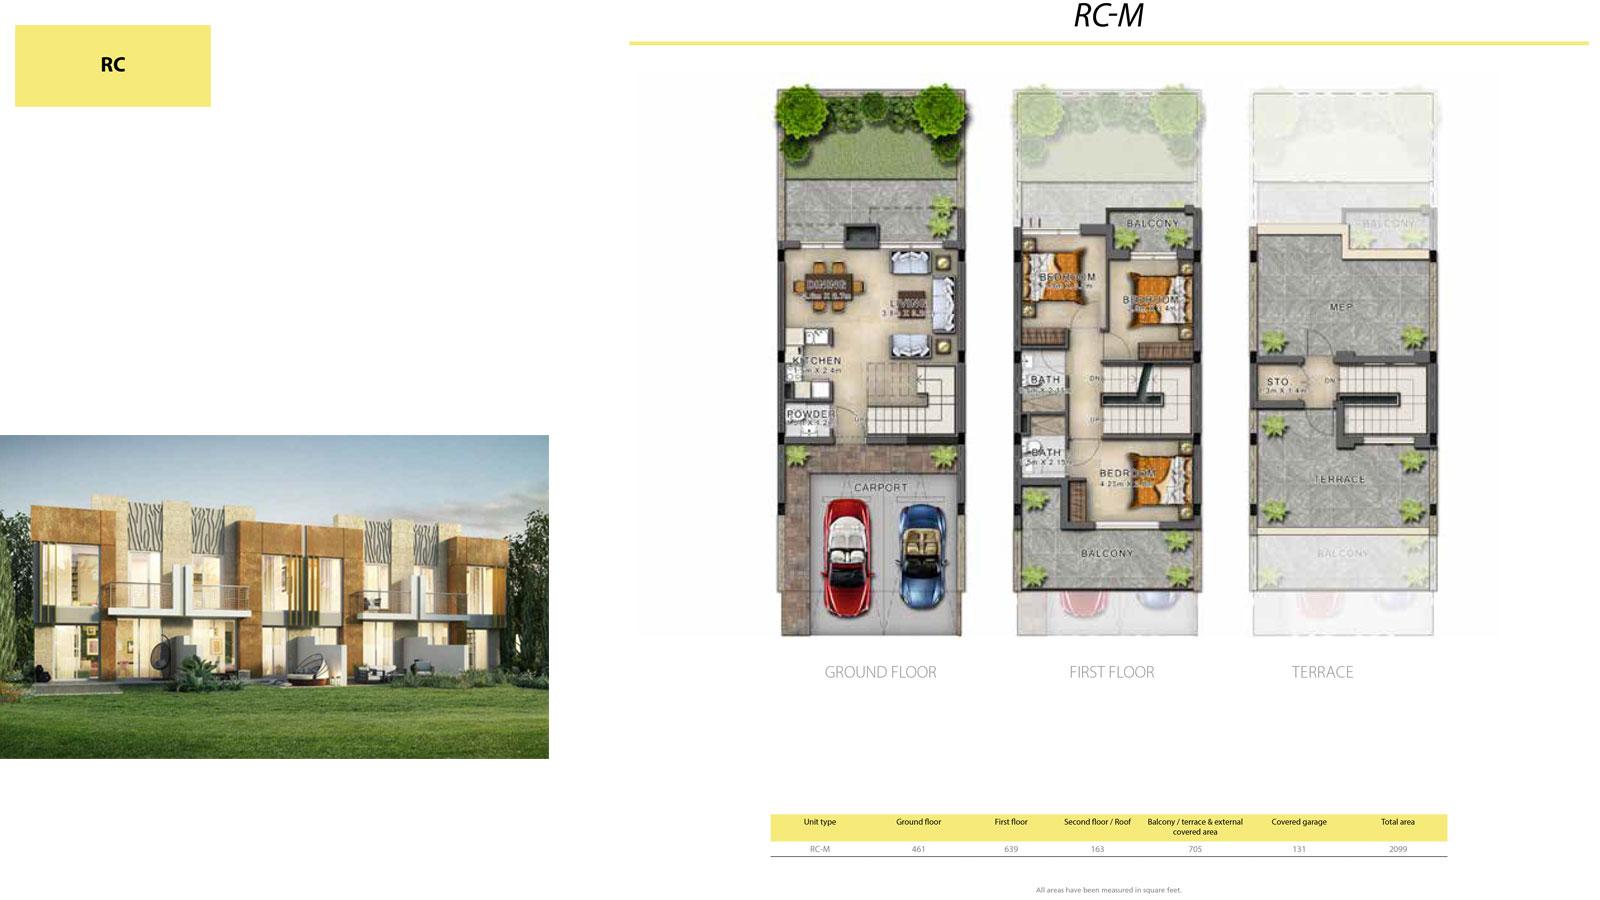 3 BR RC       (RC-M, 3 Bedroom Villa, Size 2099 sq ft)